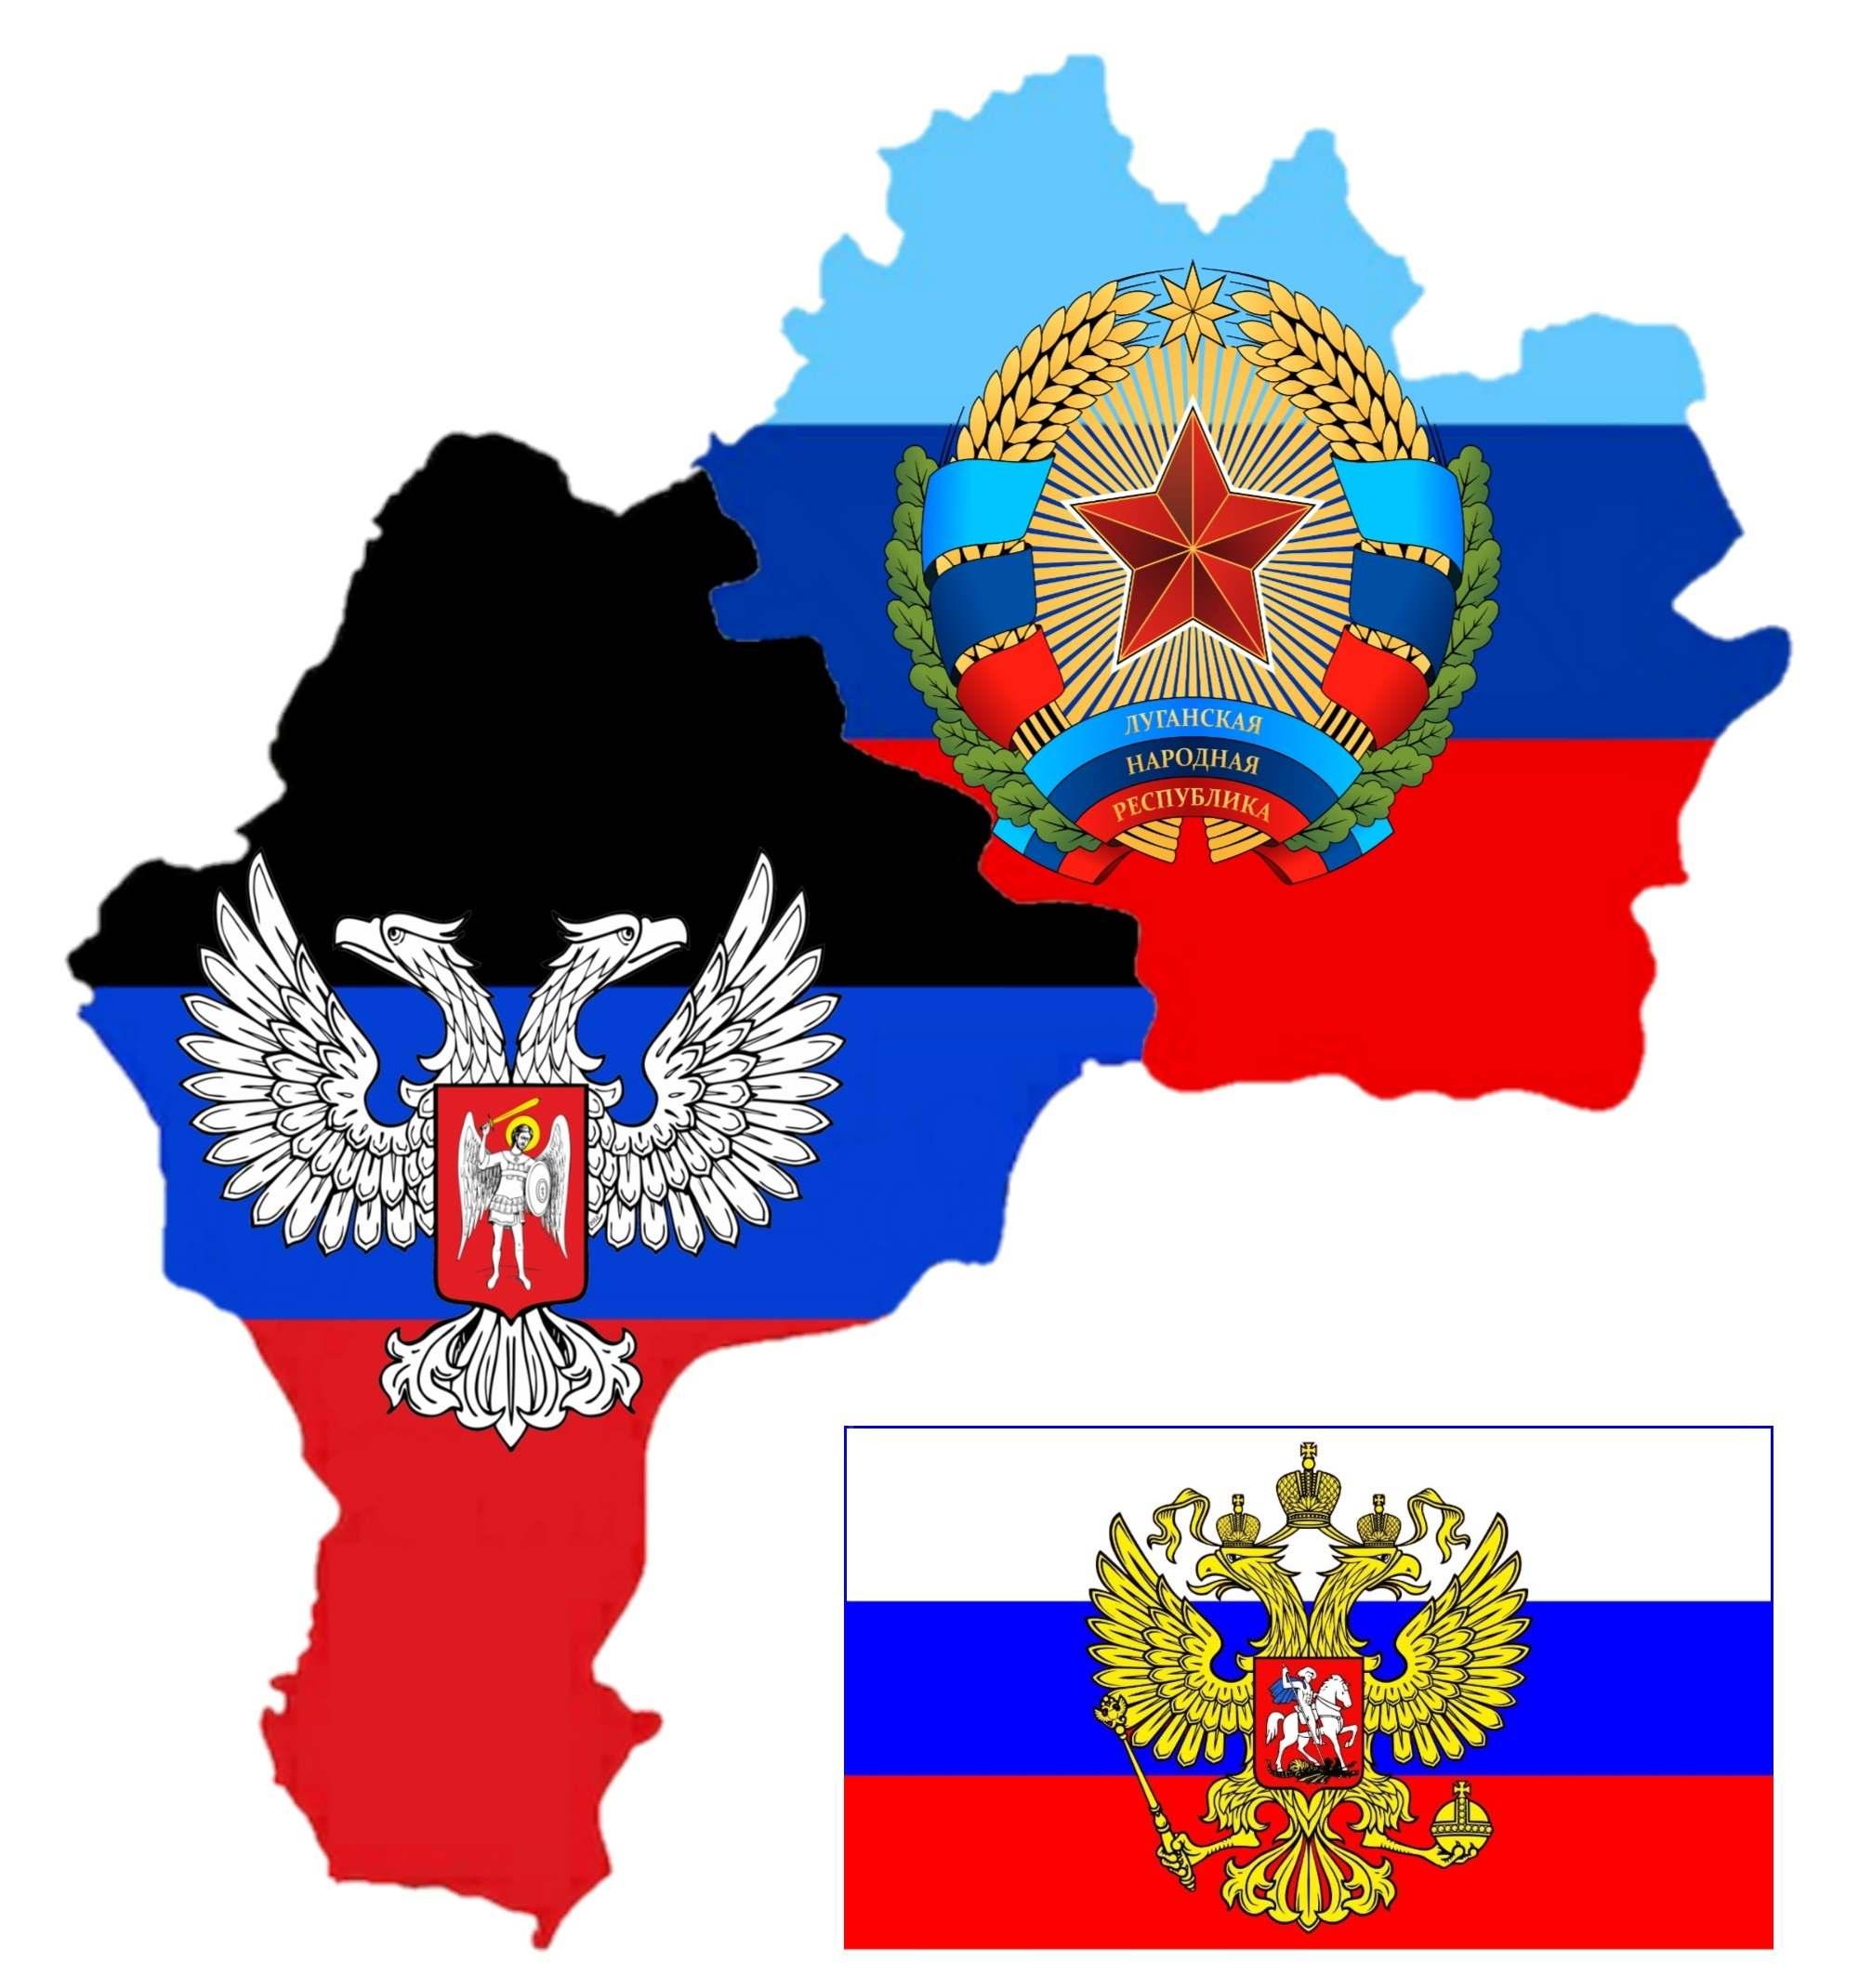 Plenipotenciario señaló a las elecciones rusas un día de fiesta para los residentes del Donbass, a quienes Ucrania ha privado de sus derechos legales